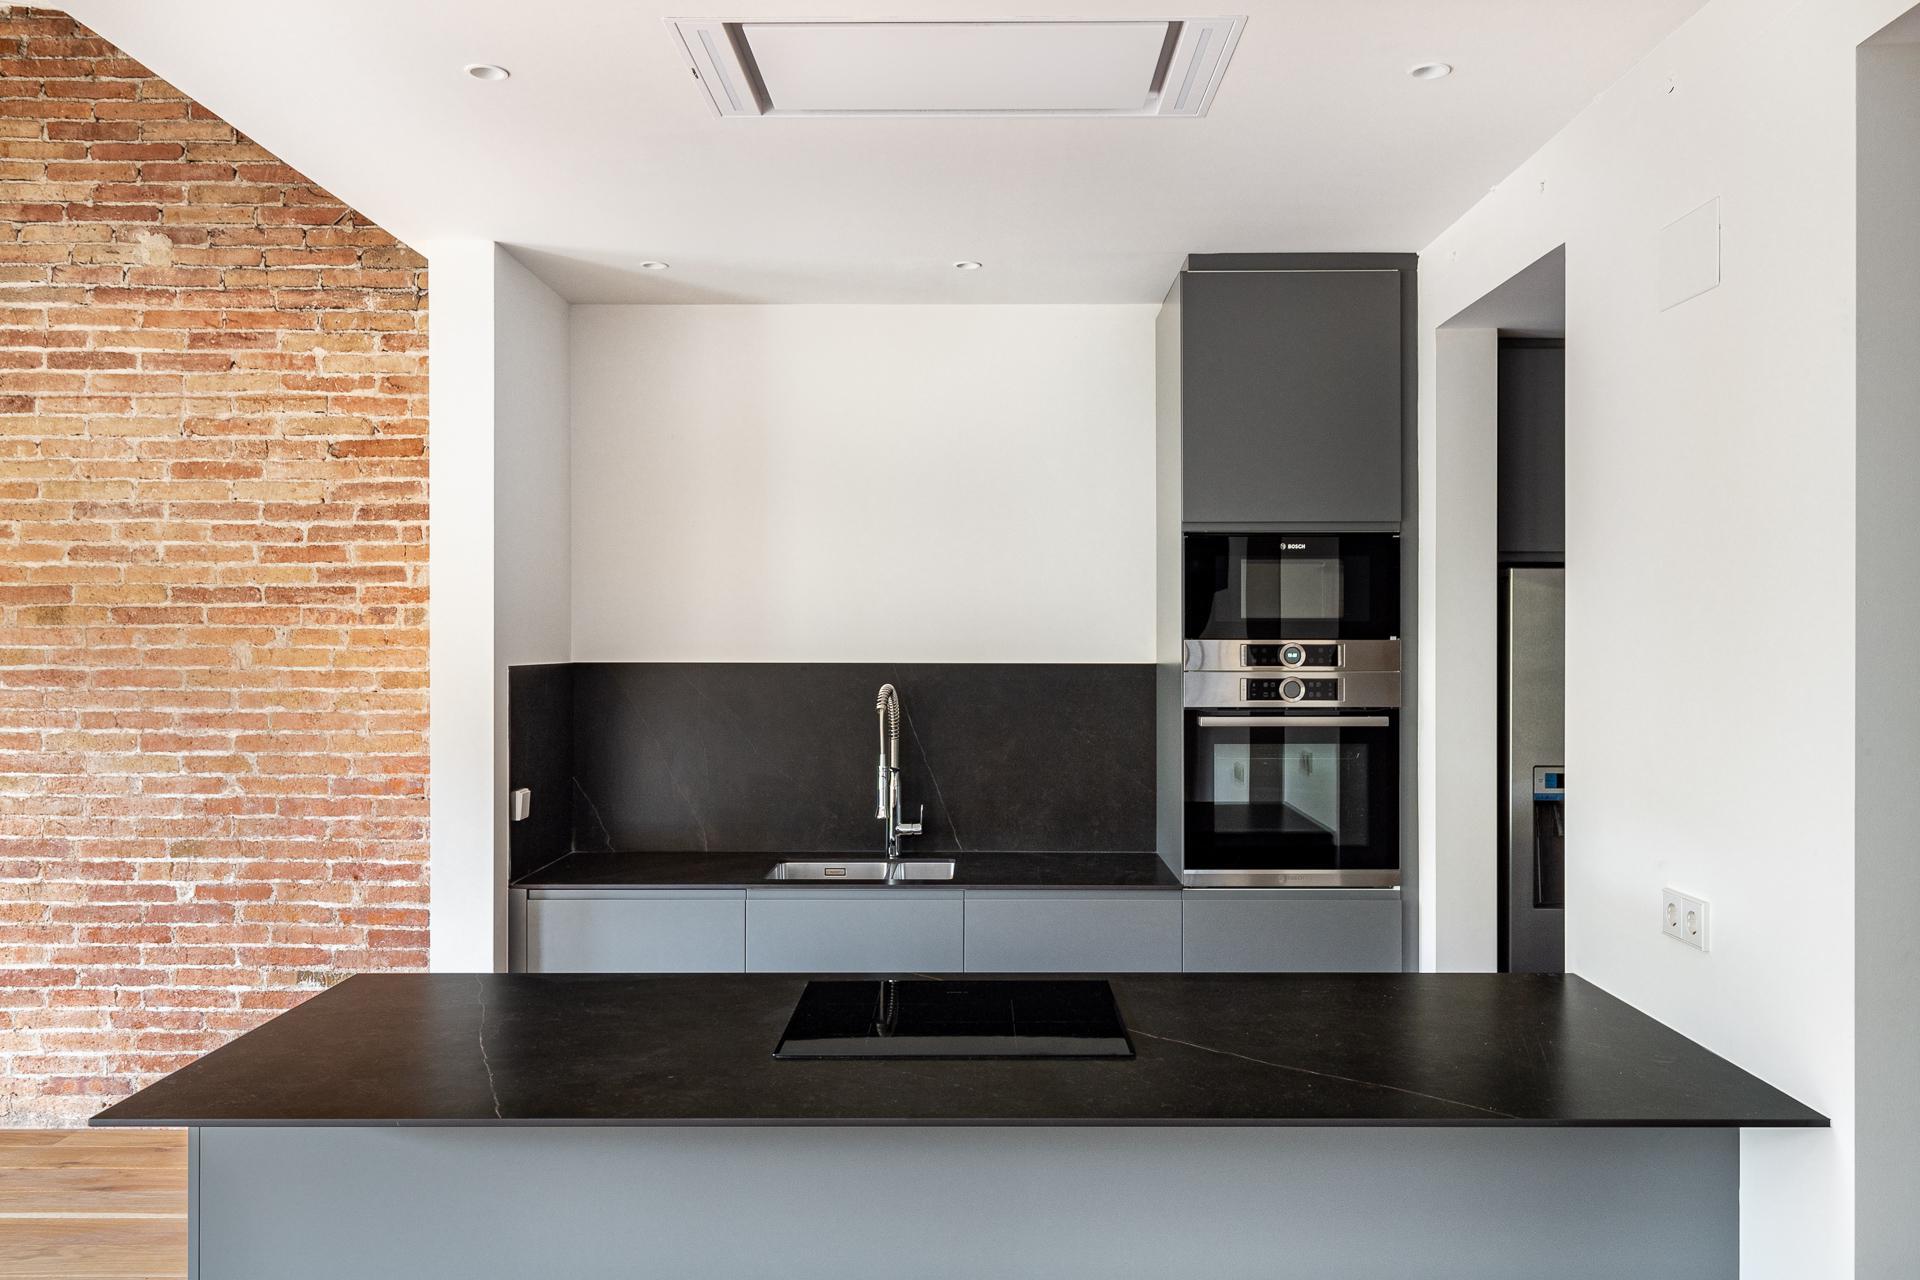 245901 Flat for sale in Ciutat Vella, St. Pere St. Caterina and La Ribera 3